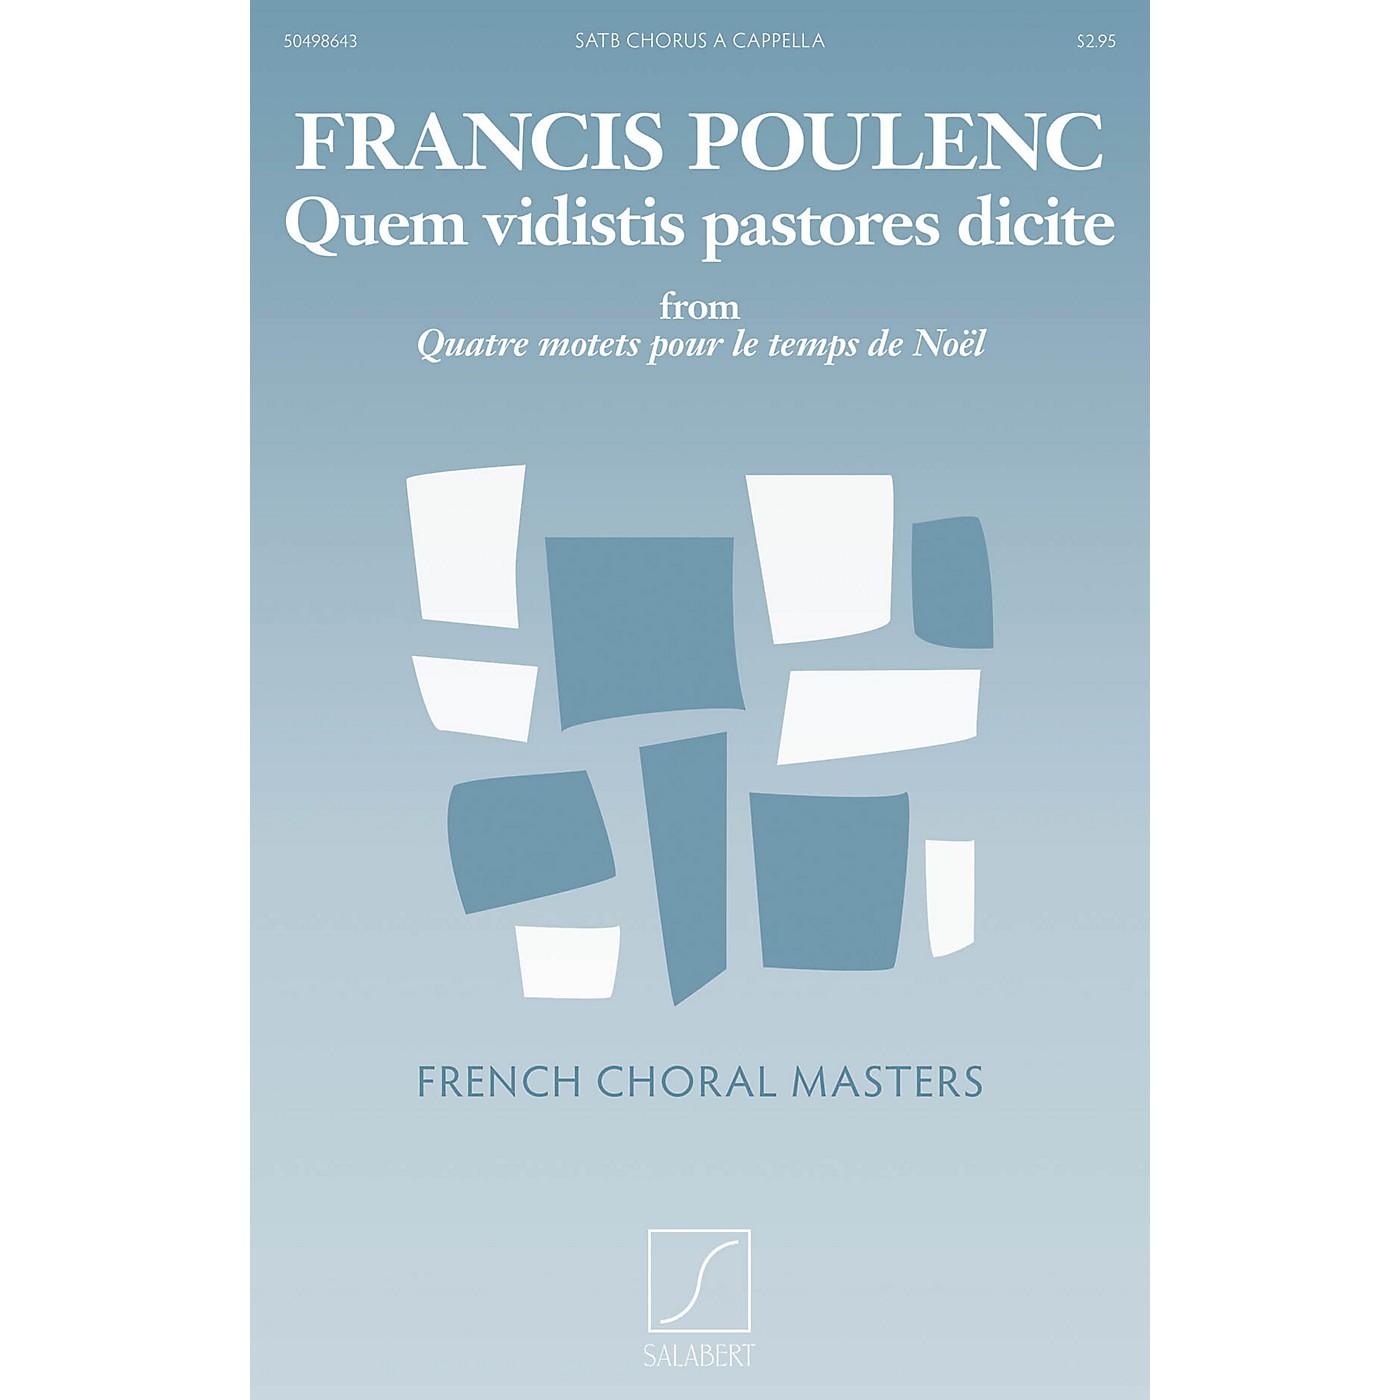 Salabert Quem vidistis pastores dicite SATB a cappella Composed by Francis Poulenc thumbnail